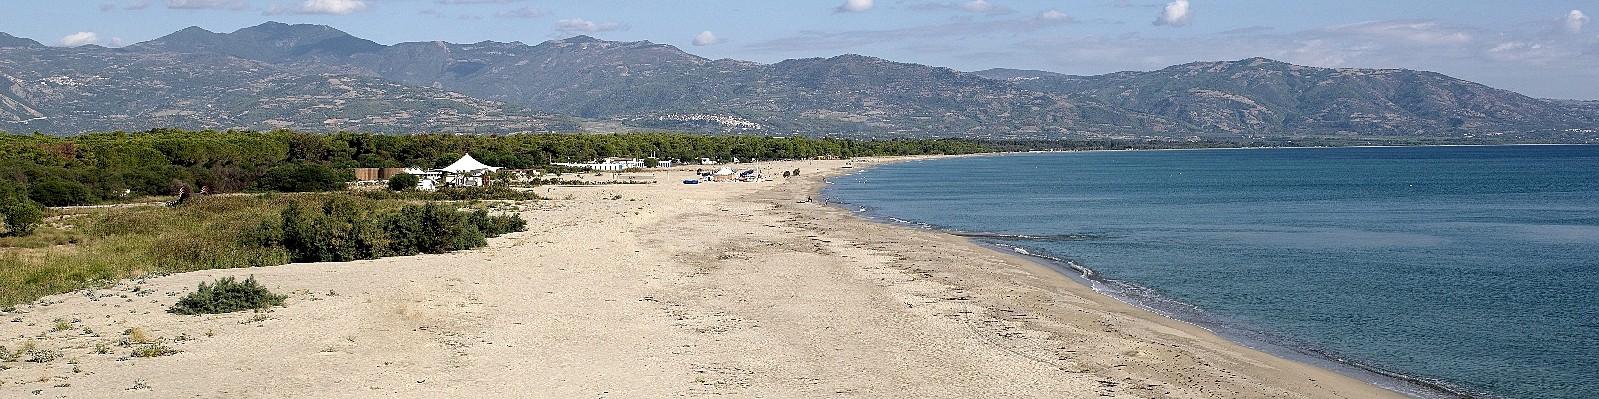 Marina di Sibari, pláže jsou po celé délce široké  písčité